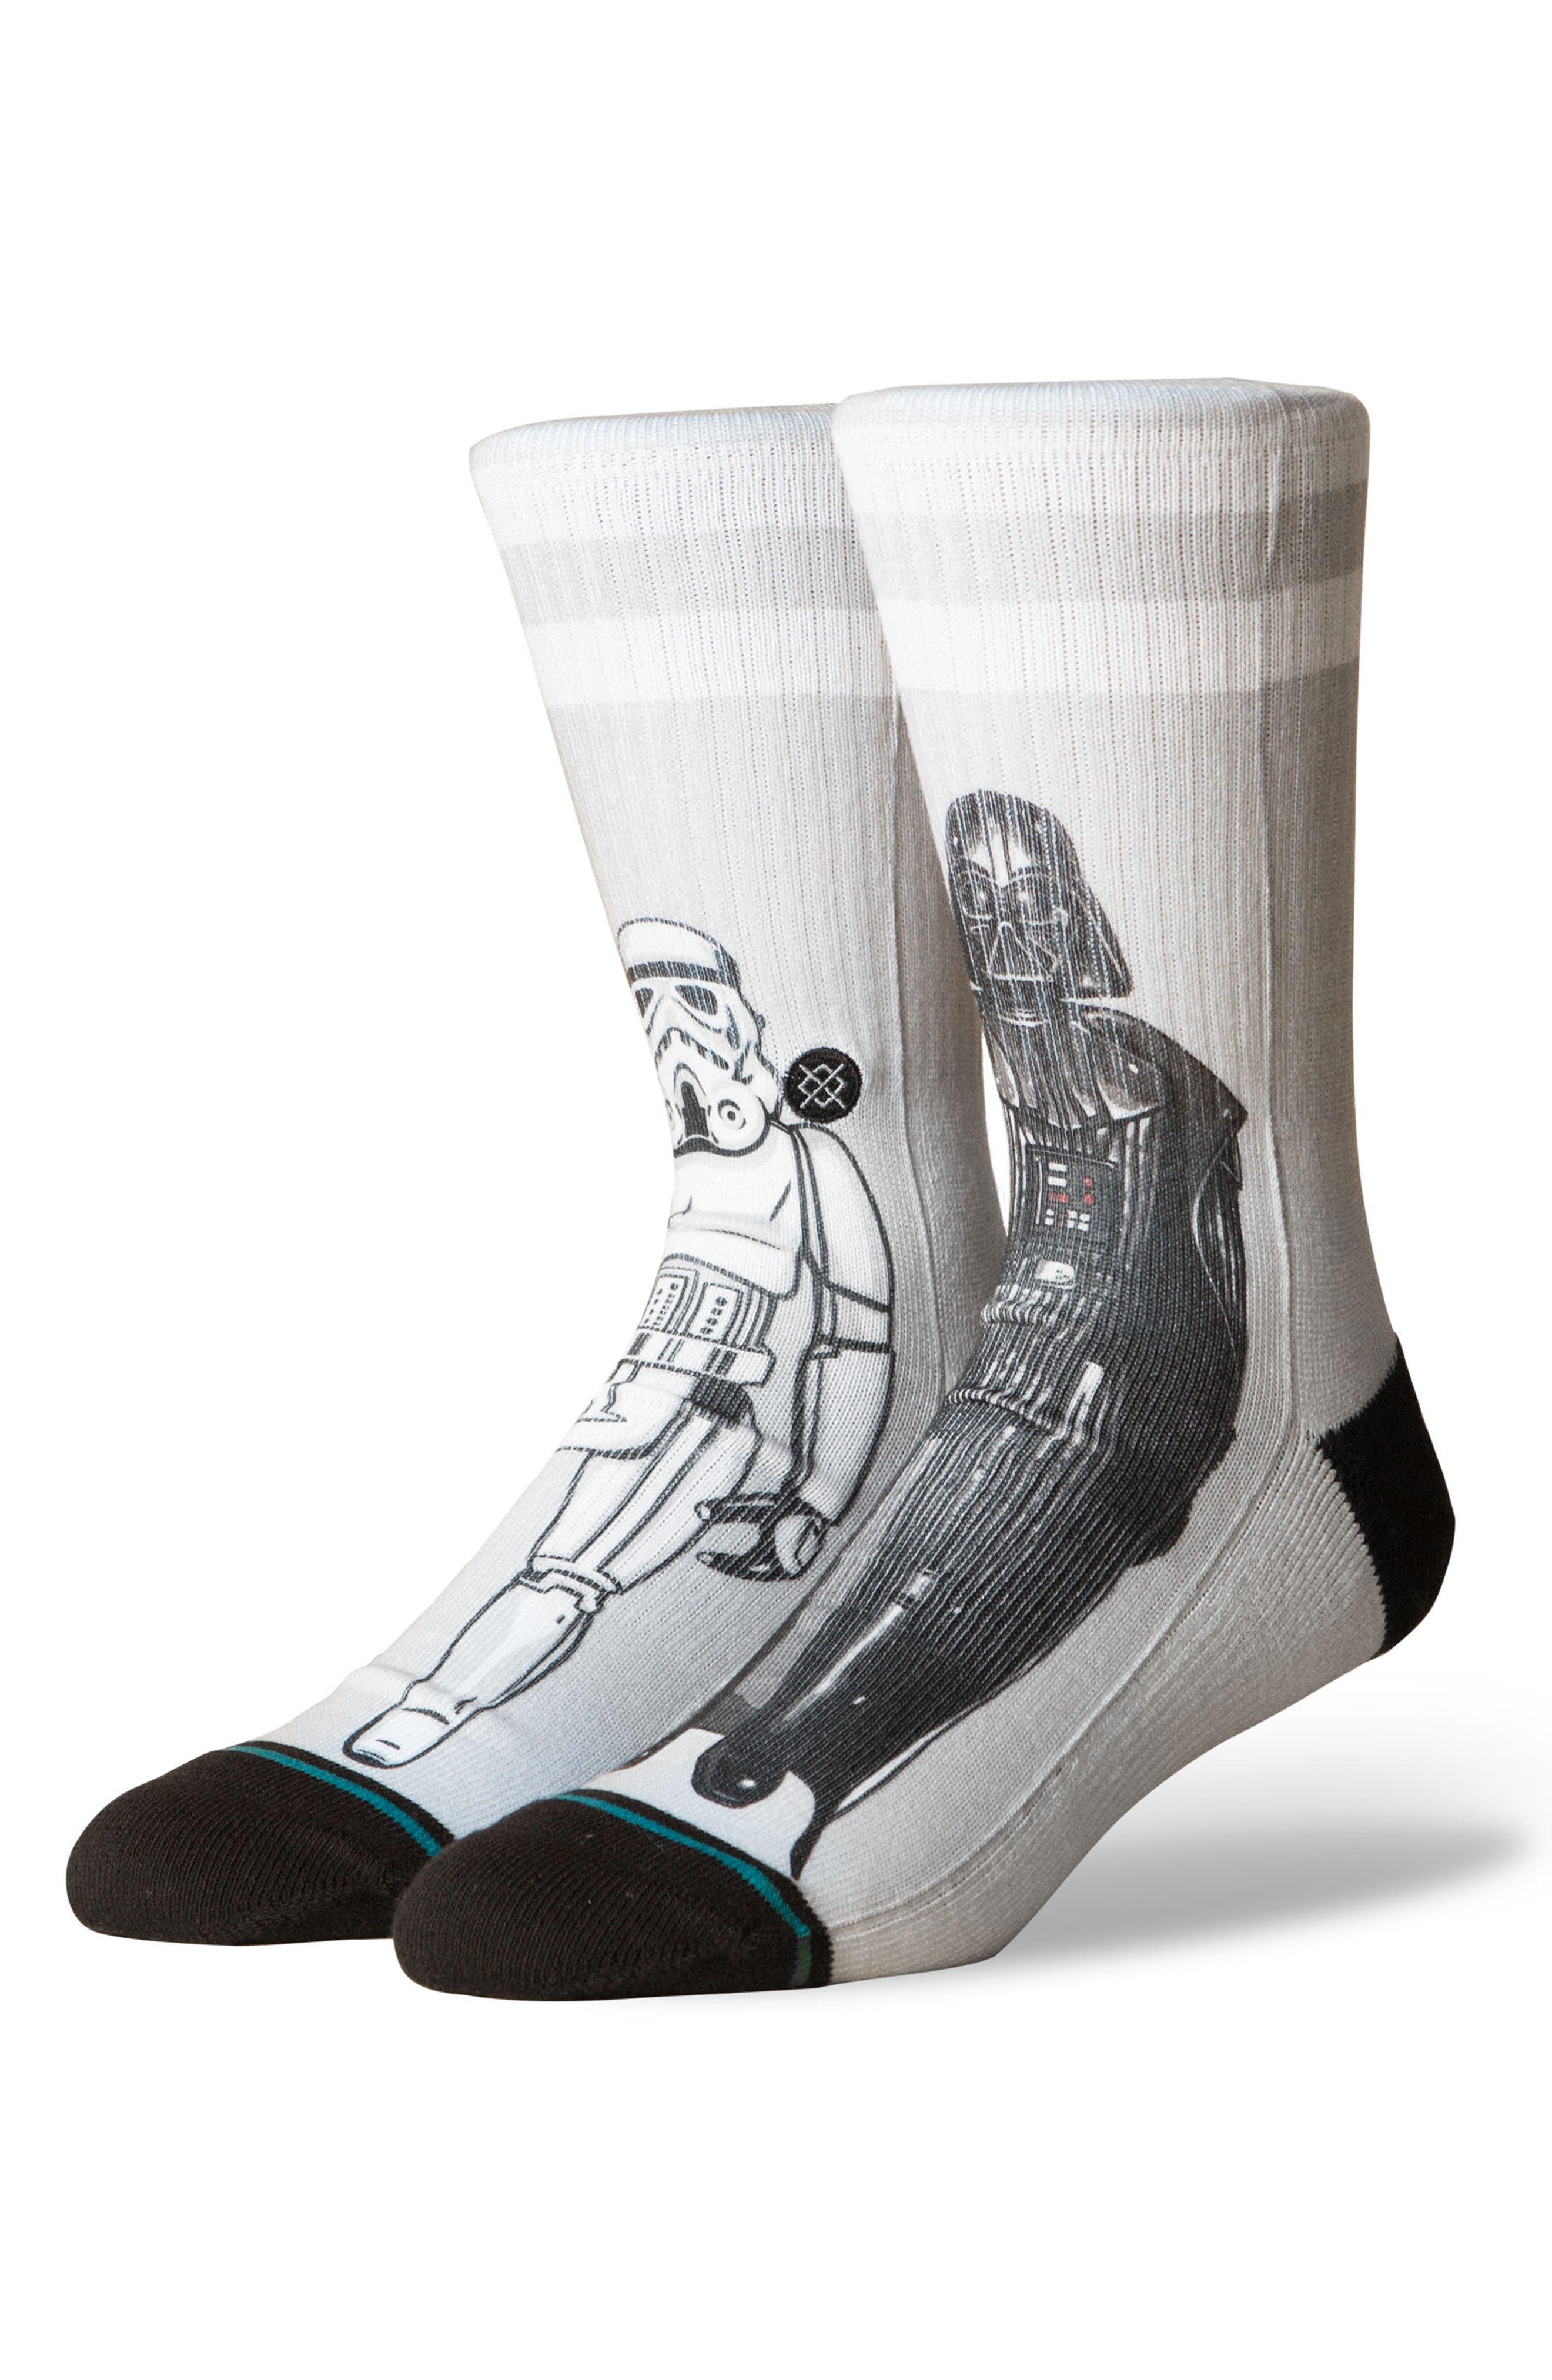 STANCE Star Wars<sup>™</sup> Master of Evil Socks